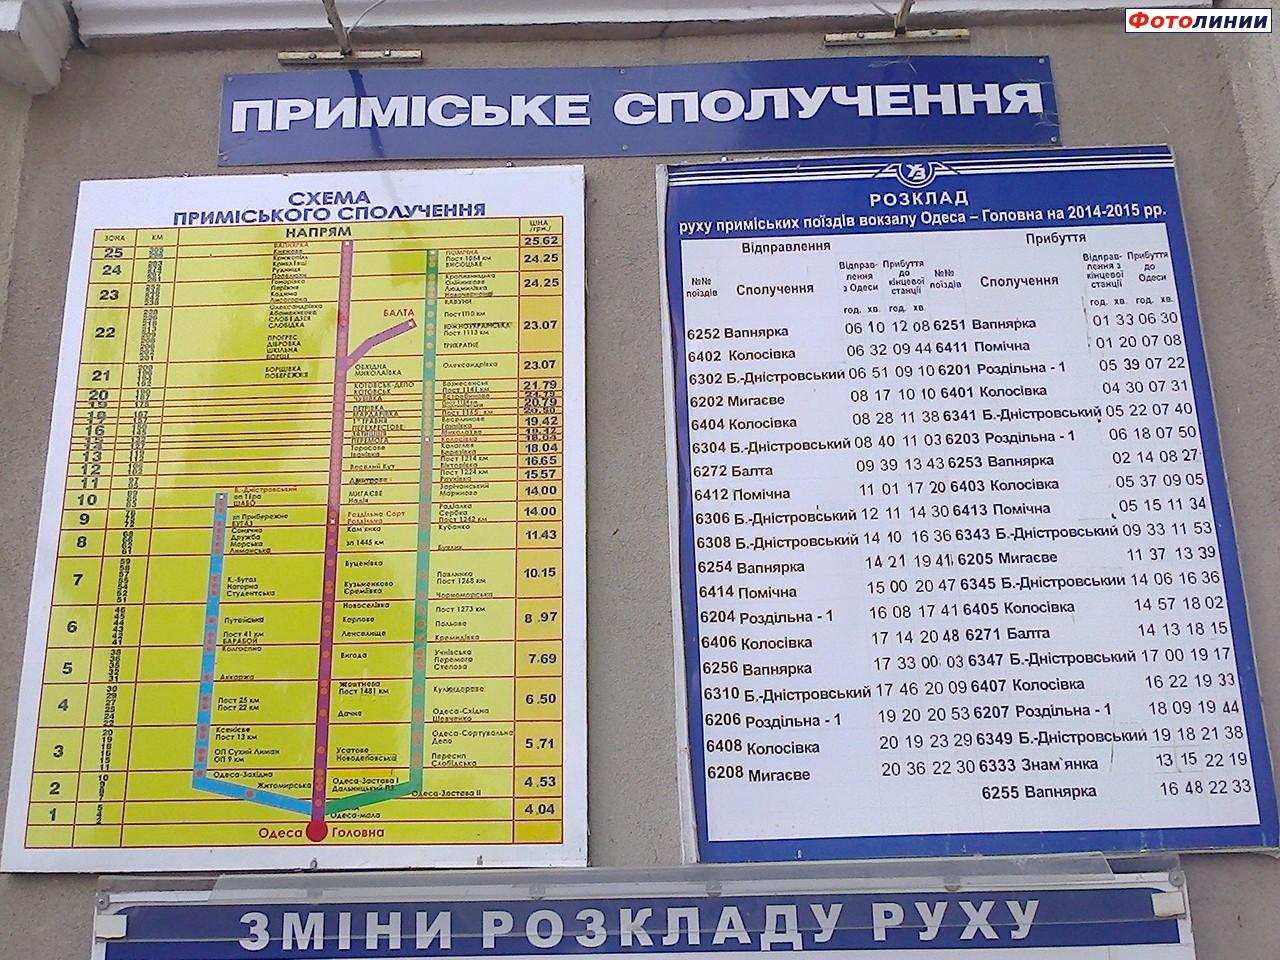 До 12:40 вокзал был полностью проверен и открыт для пассажиров